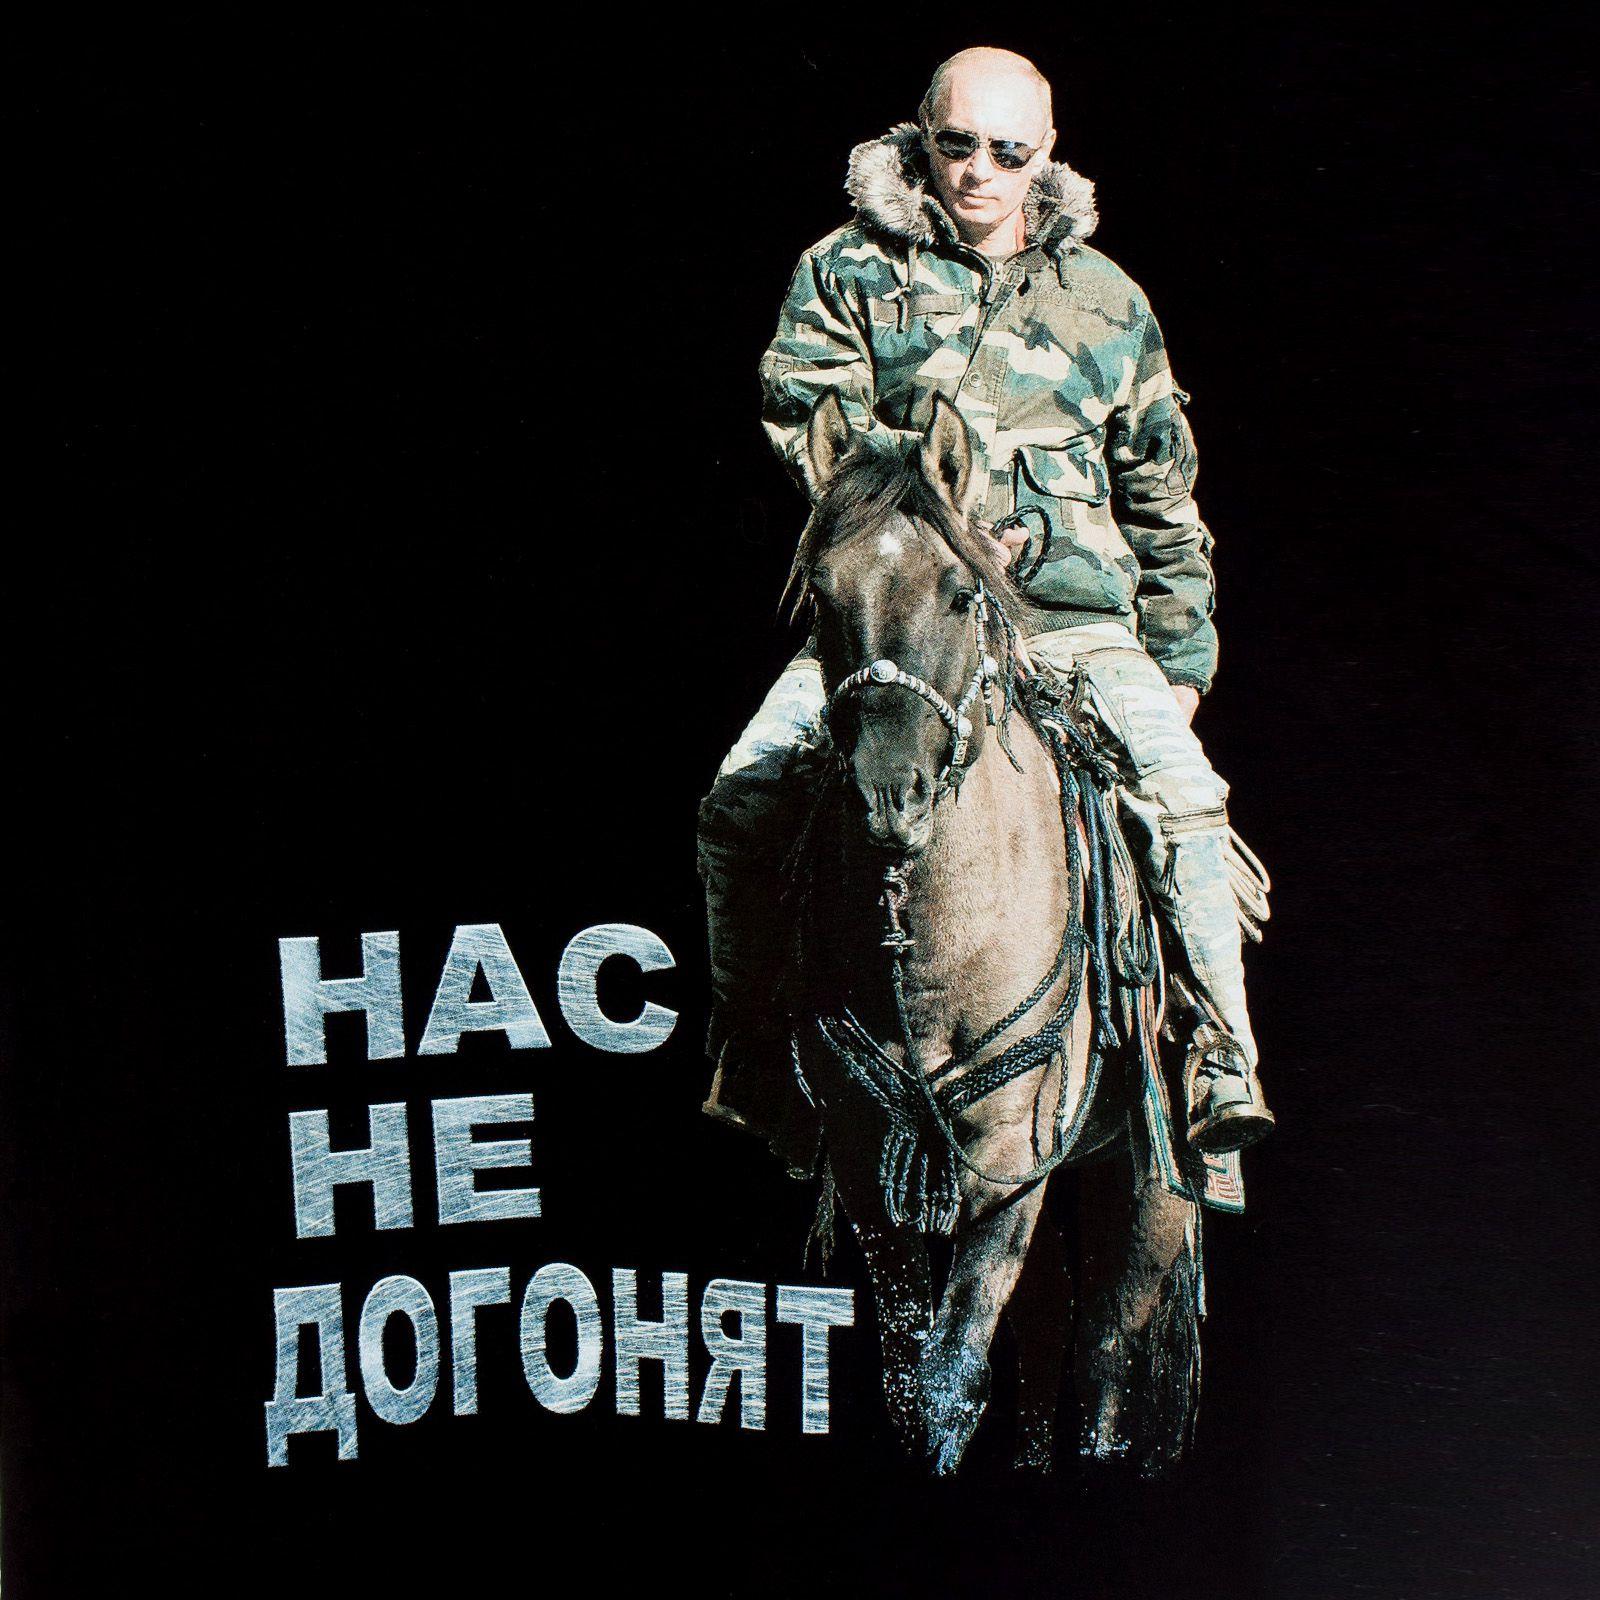 """Футболка с Путиным """"Нас не догонят"""" - цветной принт"""